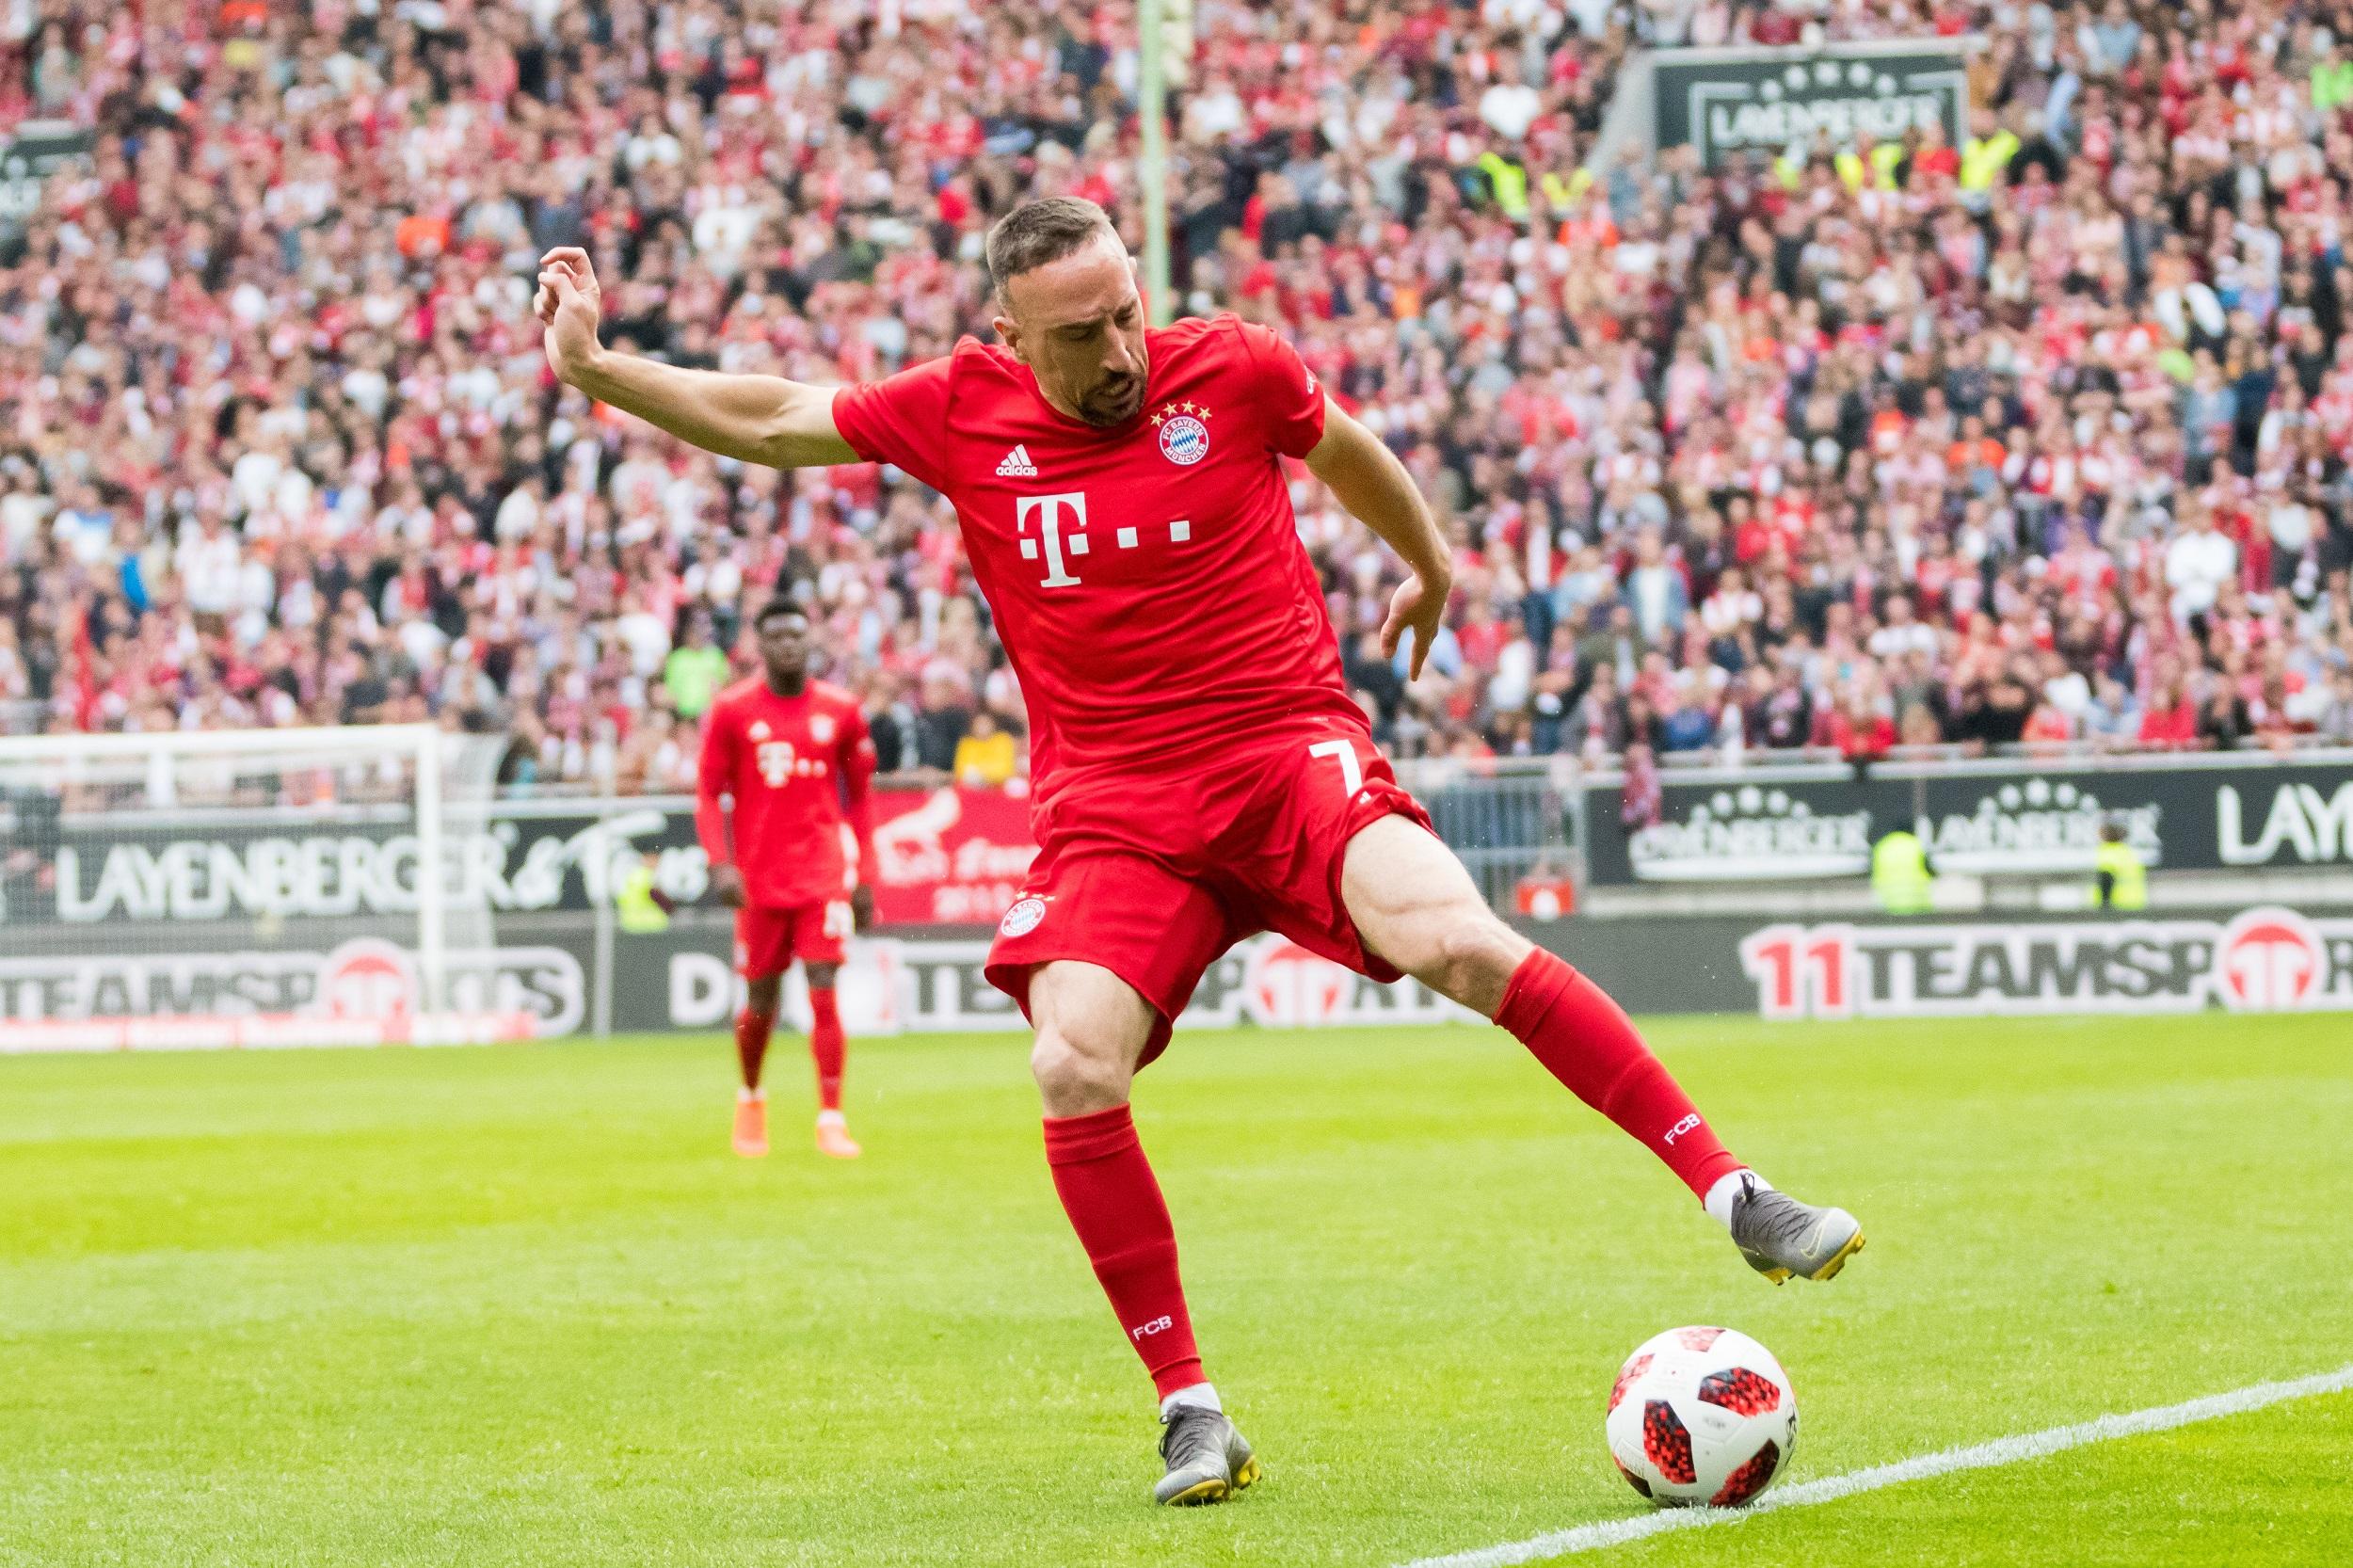 Franck Ribéry confirma que está listo para regresar al Bayern